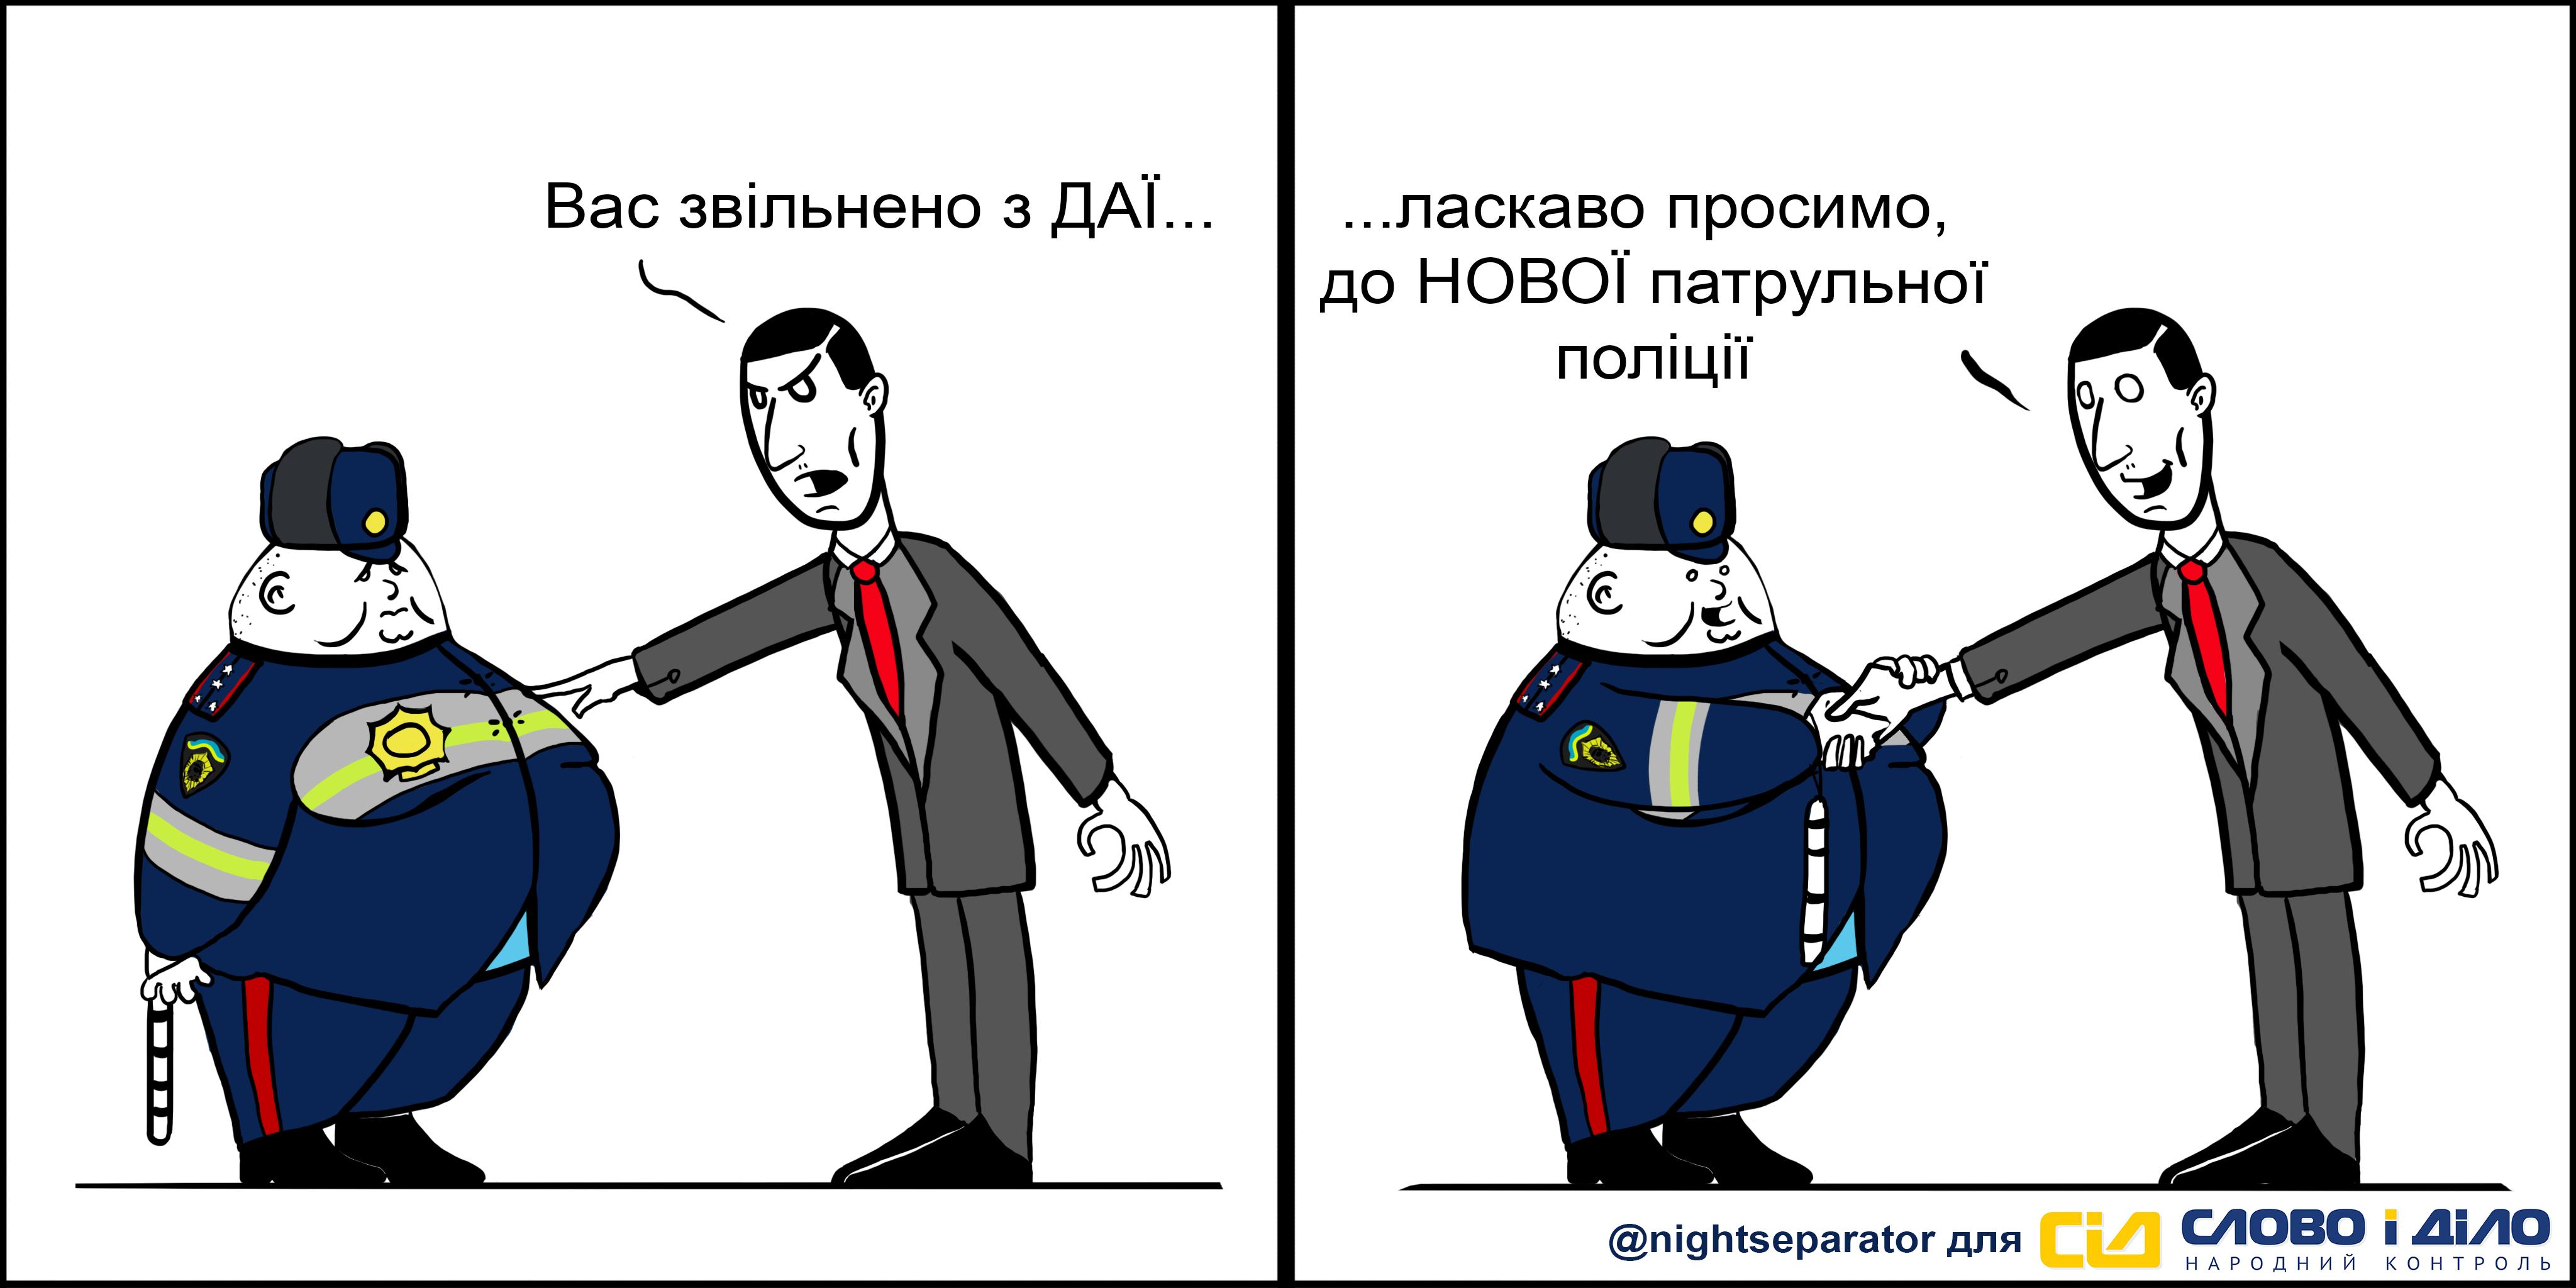 """Госпредприятие """"Антонов"""" призывает Авакова лично разобраться с избиением авиаконструктора Ковальского - Цензор.НЕТ 1552"""